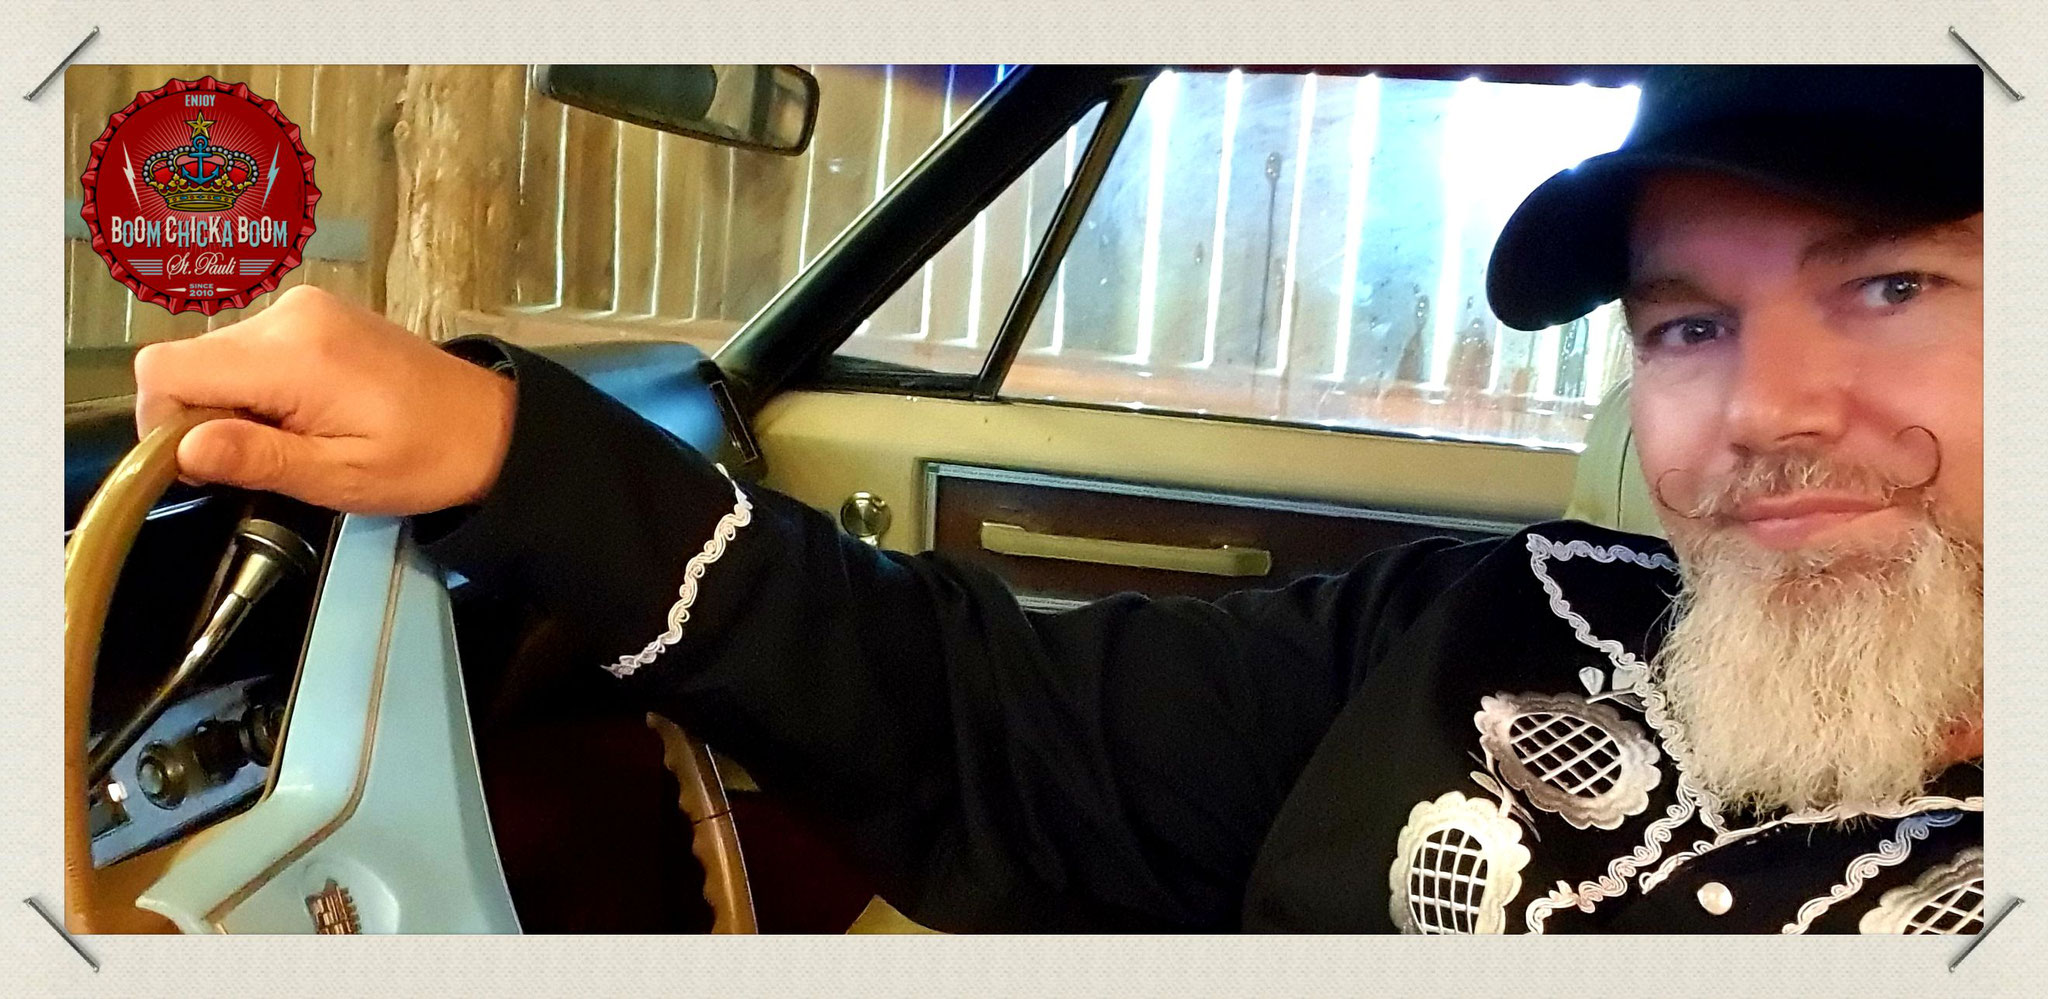 Da sitze ich wirklich in dem berühmtesten Wagen der Country Musik